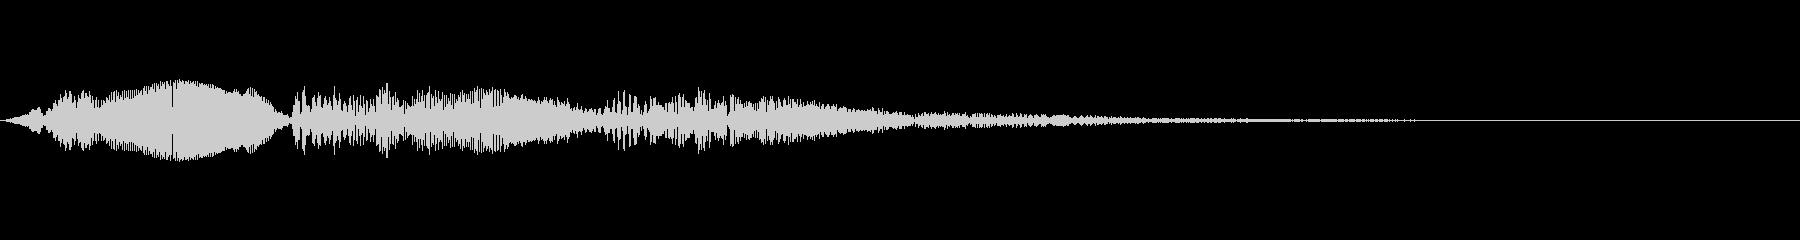 ピピピピ(アプリの汎用的なタップ音の未再生の波形